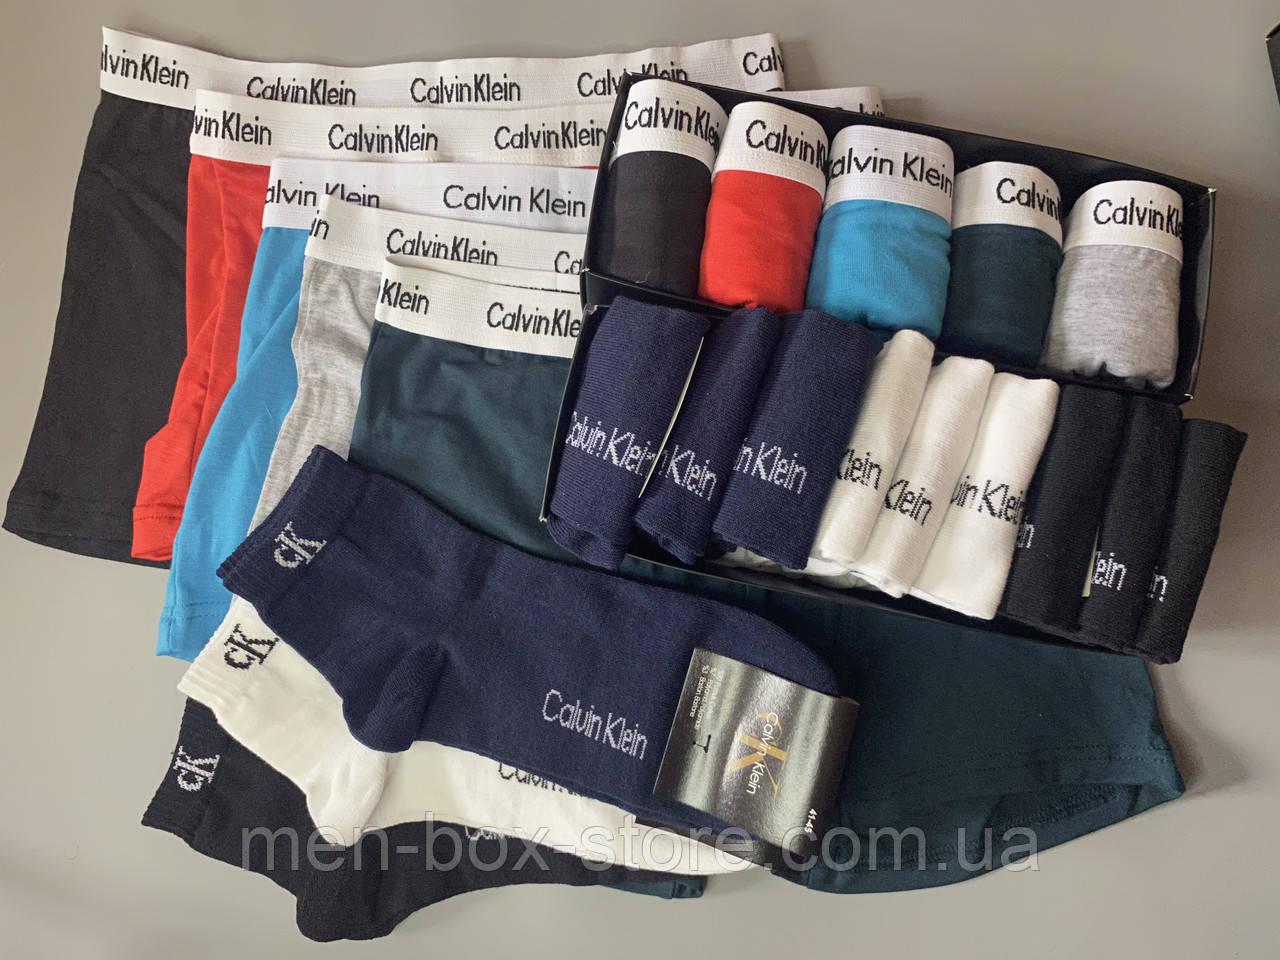 Мужские трусы боксеры и носки (5 шт.) + носки (9 пар).(в подарочных коробках. Трусы транки боксеры шорты 1 XXL